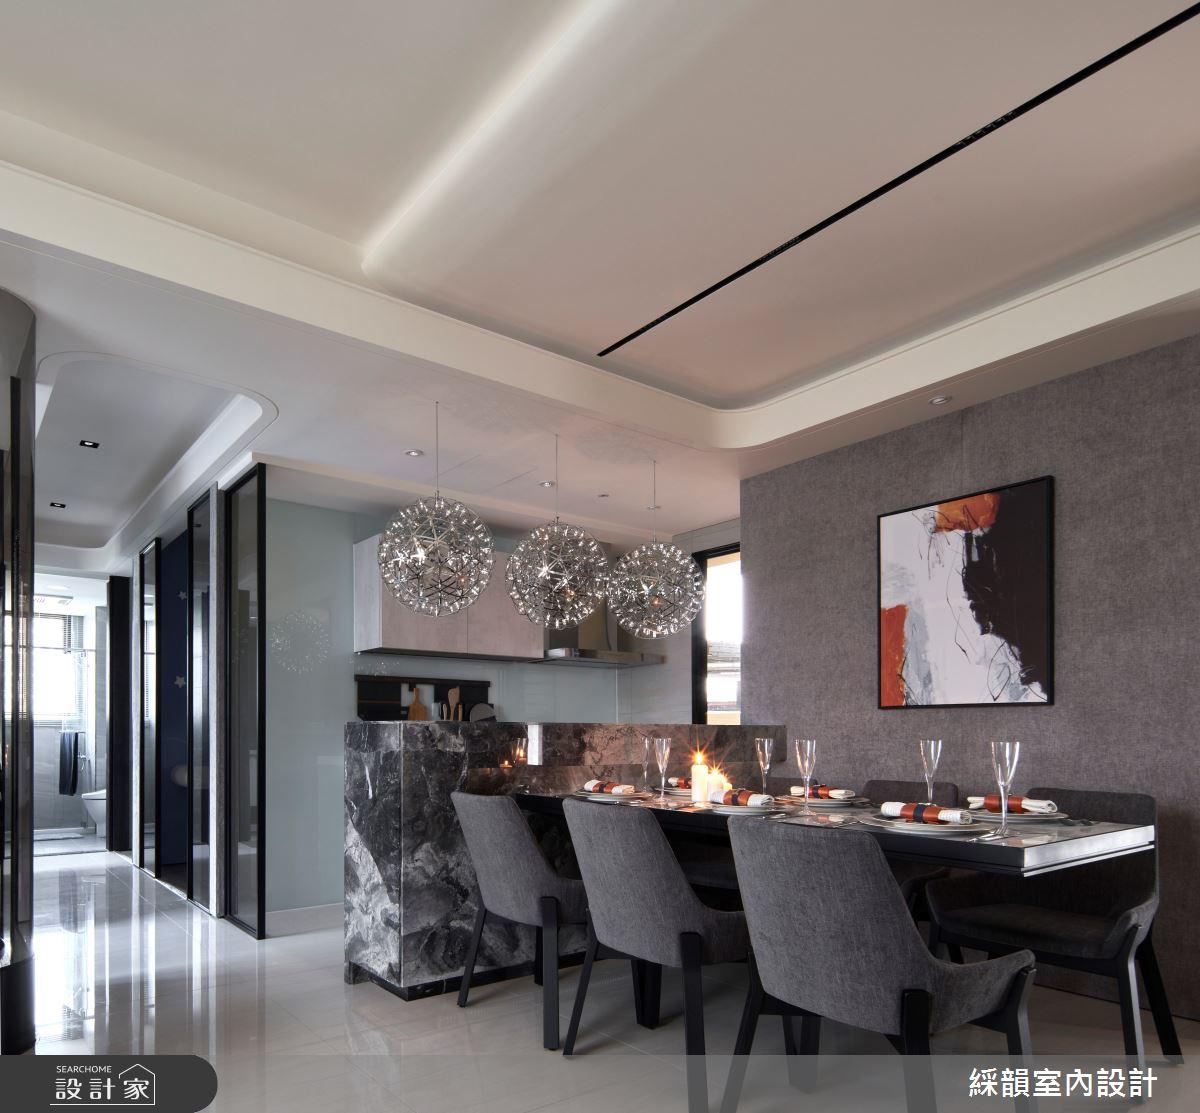 45坪預售屋_現代風餐廳吧檯案例圖片_綵韻室內設計有限公司_綵韻_39之8